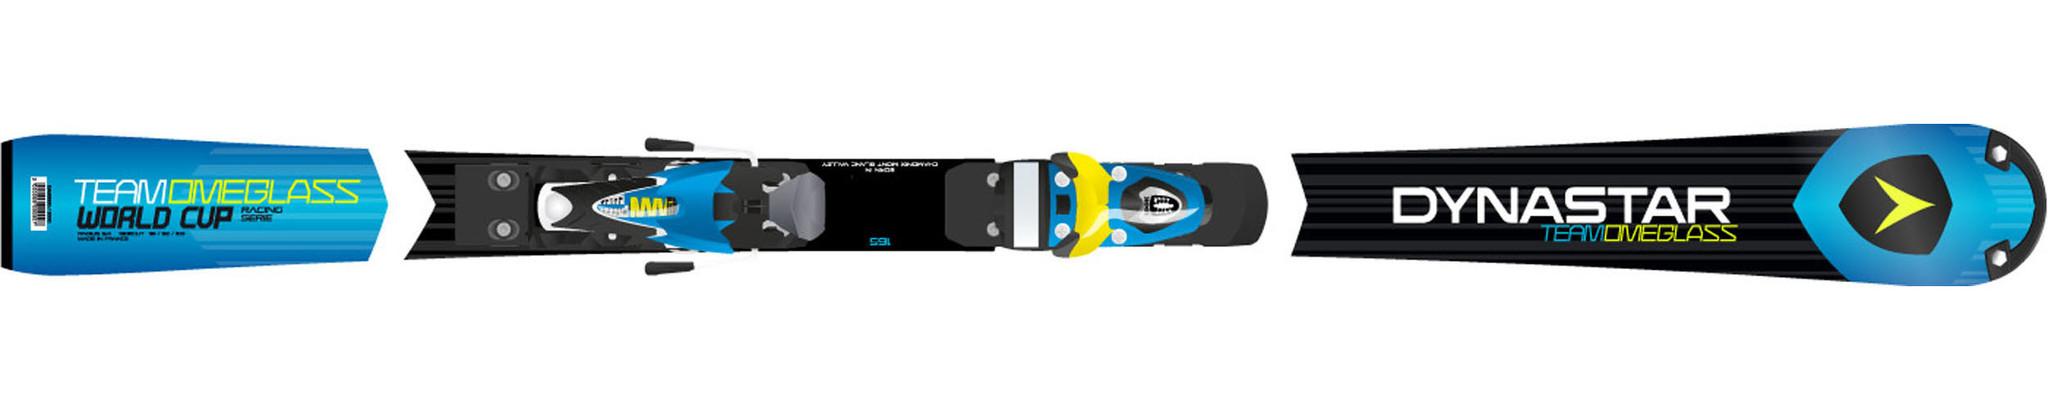 Dynastar TEAM OMEGLASS WC R20 PRO (146cm)